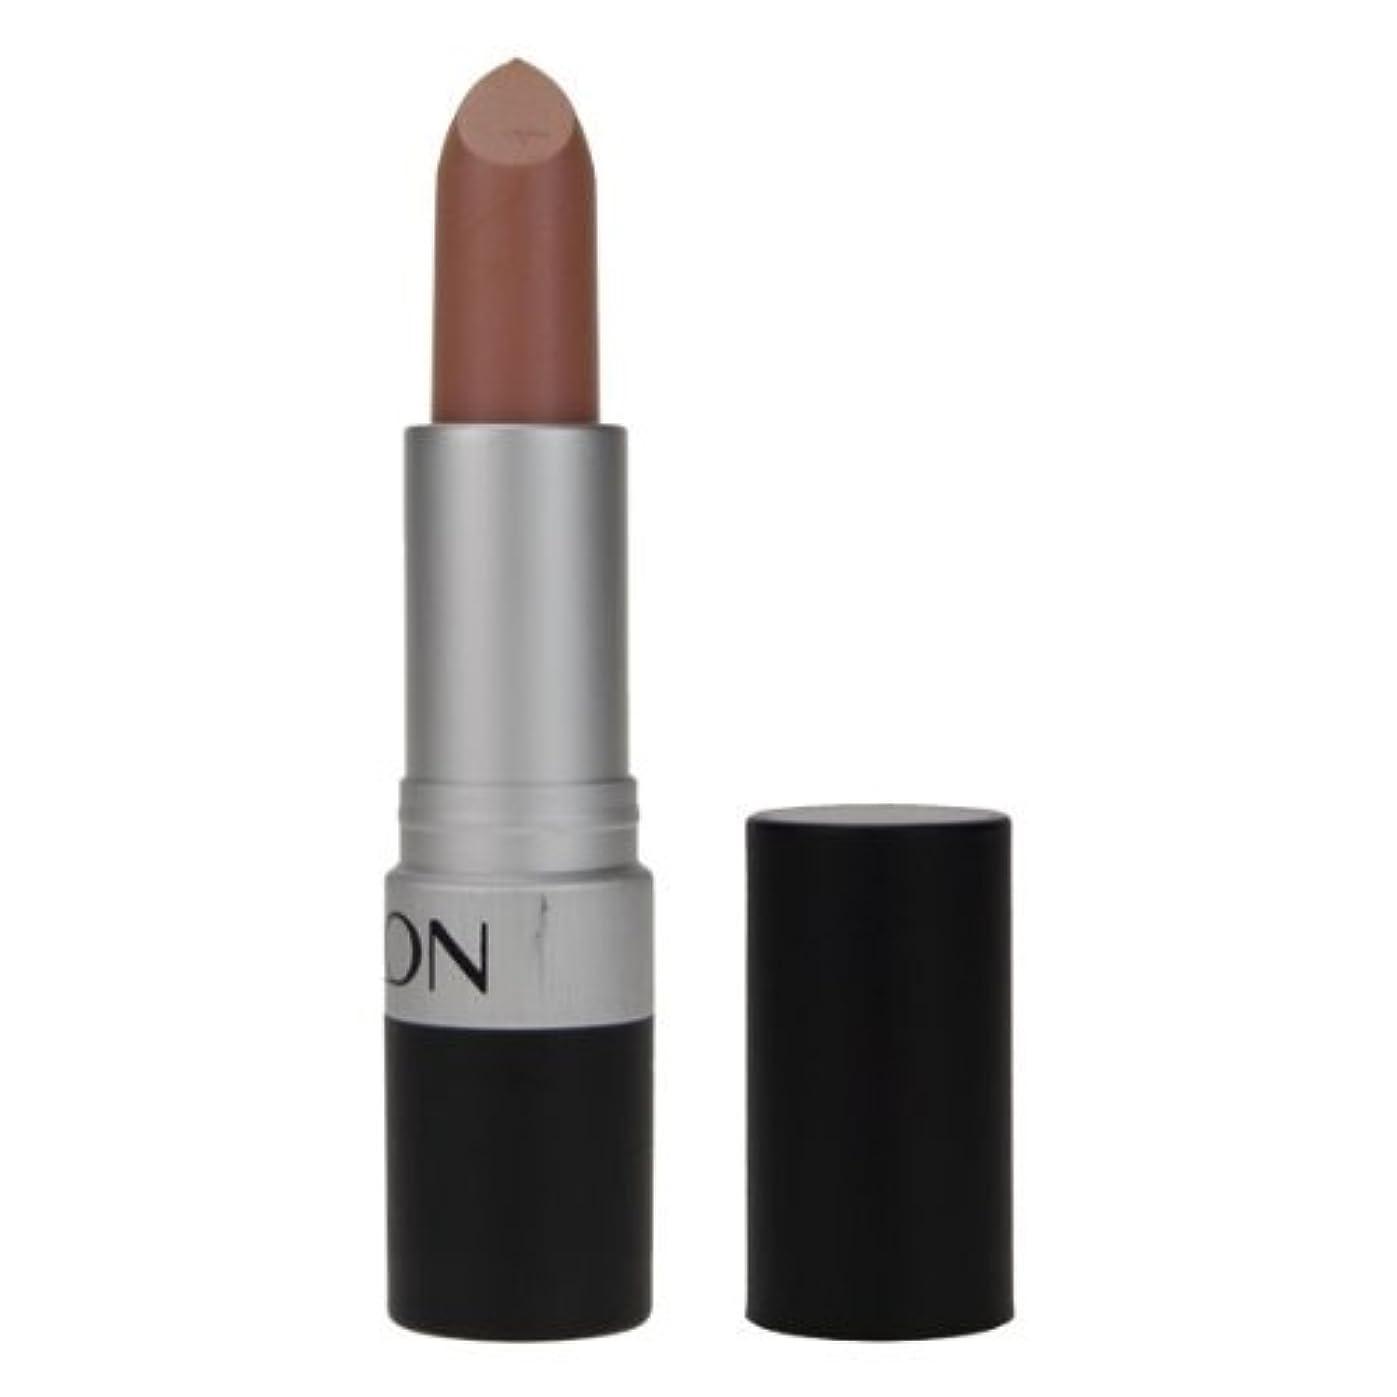 間規制する取り扱いREVLON Super Lustrous Lipstick Matte - Nude Attitude 001 (並行輸入品)